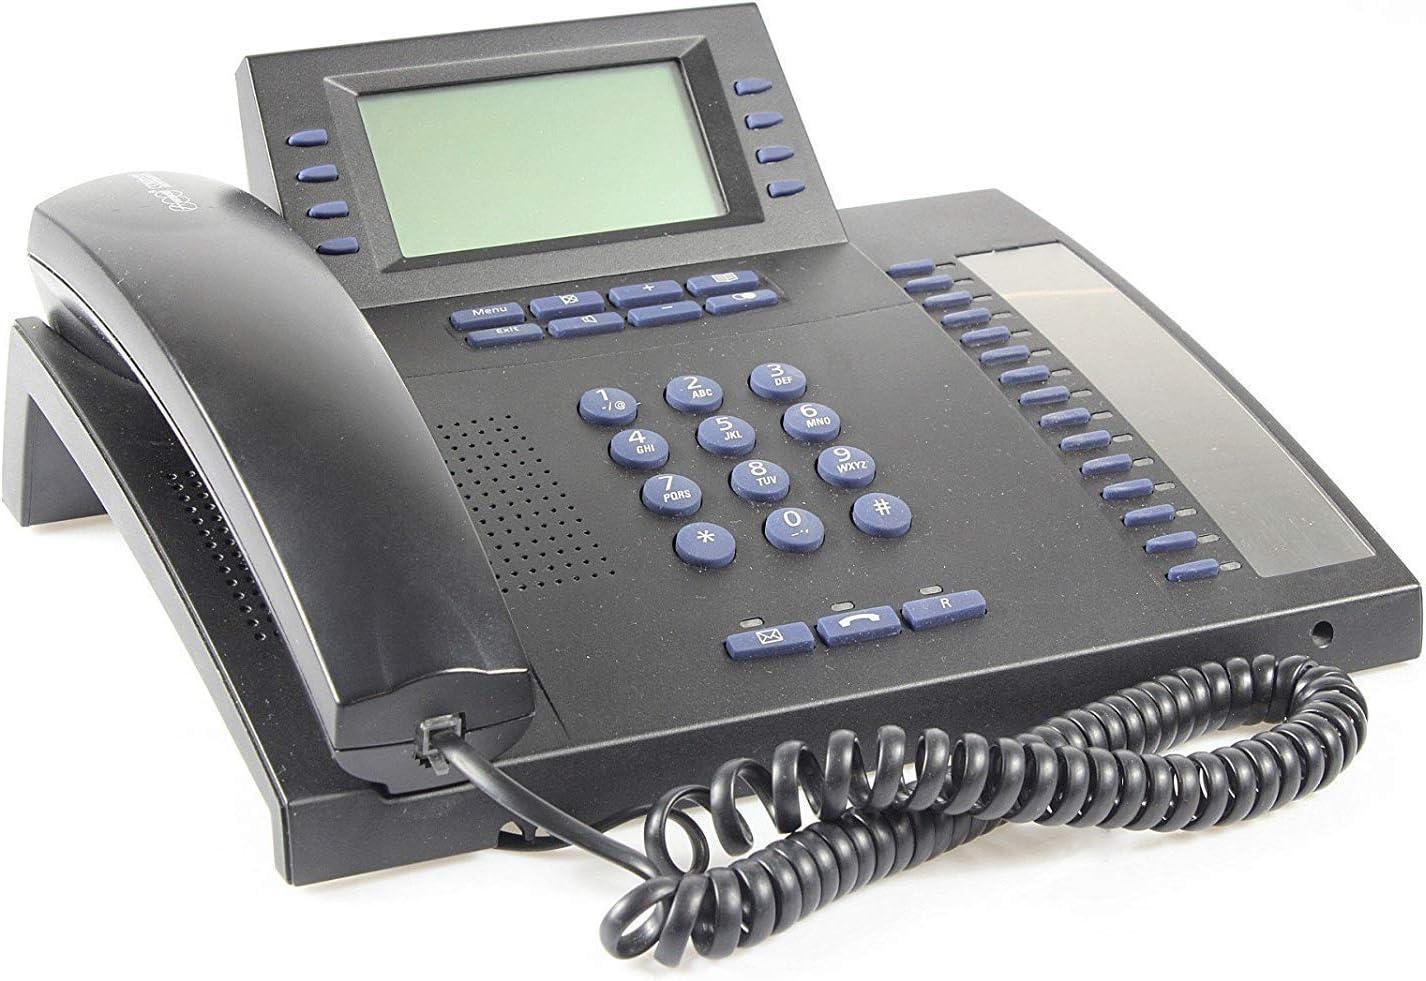 Auerswald COMfortel 2500 Systemtelefon 800 Rn Speicher schwarz